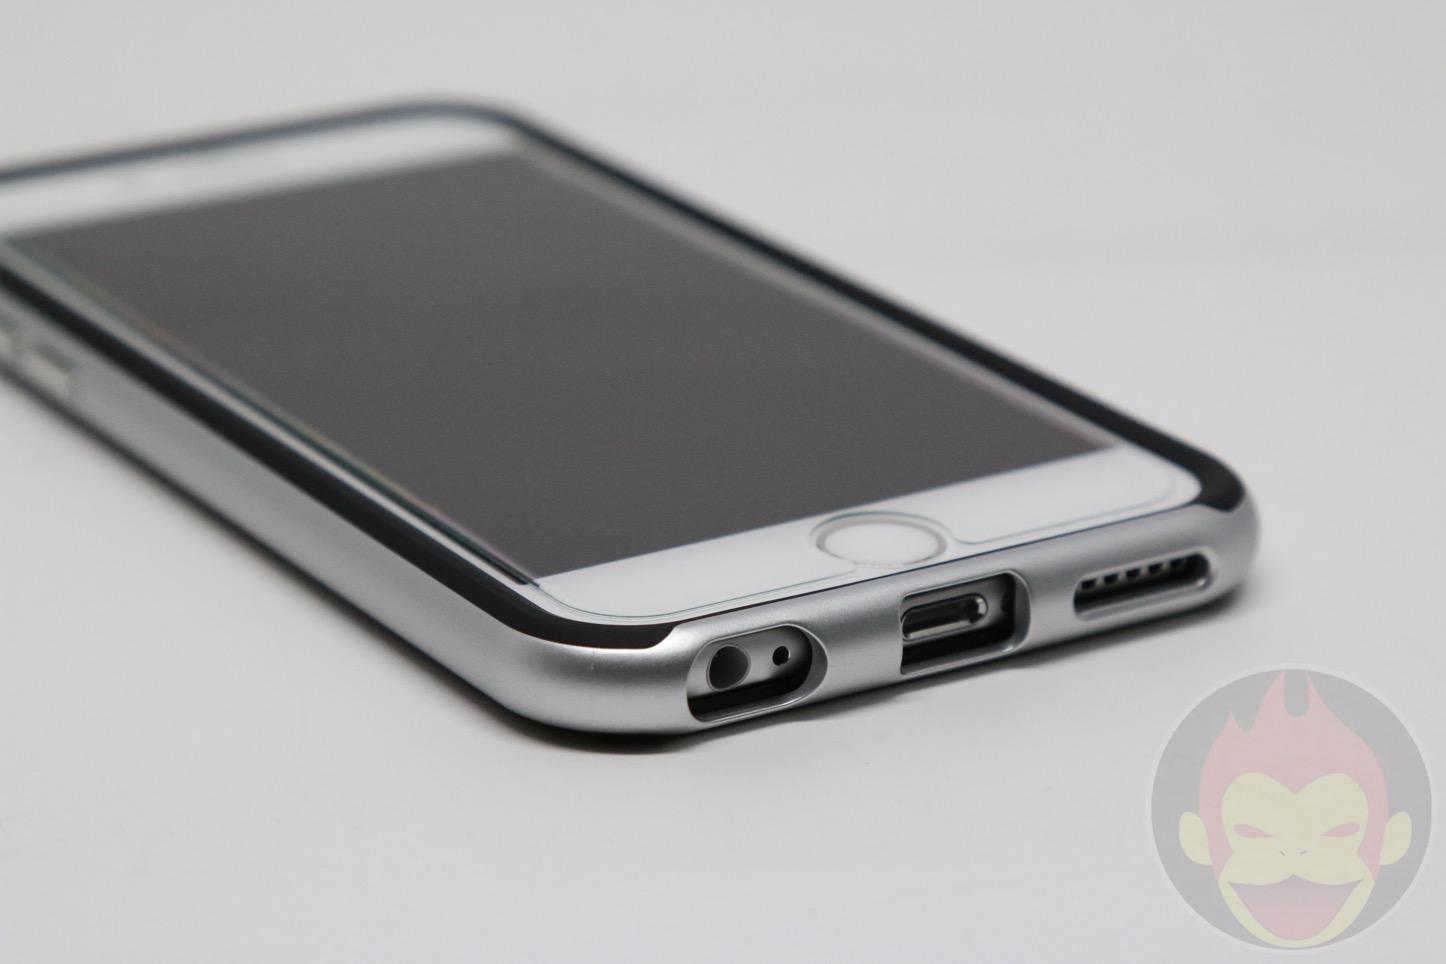 iPhone6s-Spigen-Neo-Hybrid-Case-12.JPG